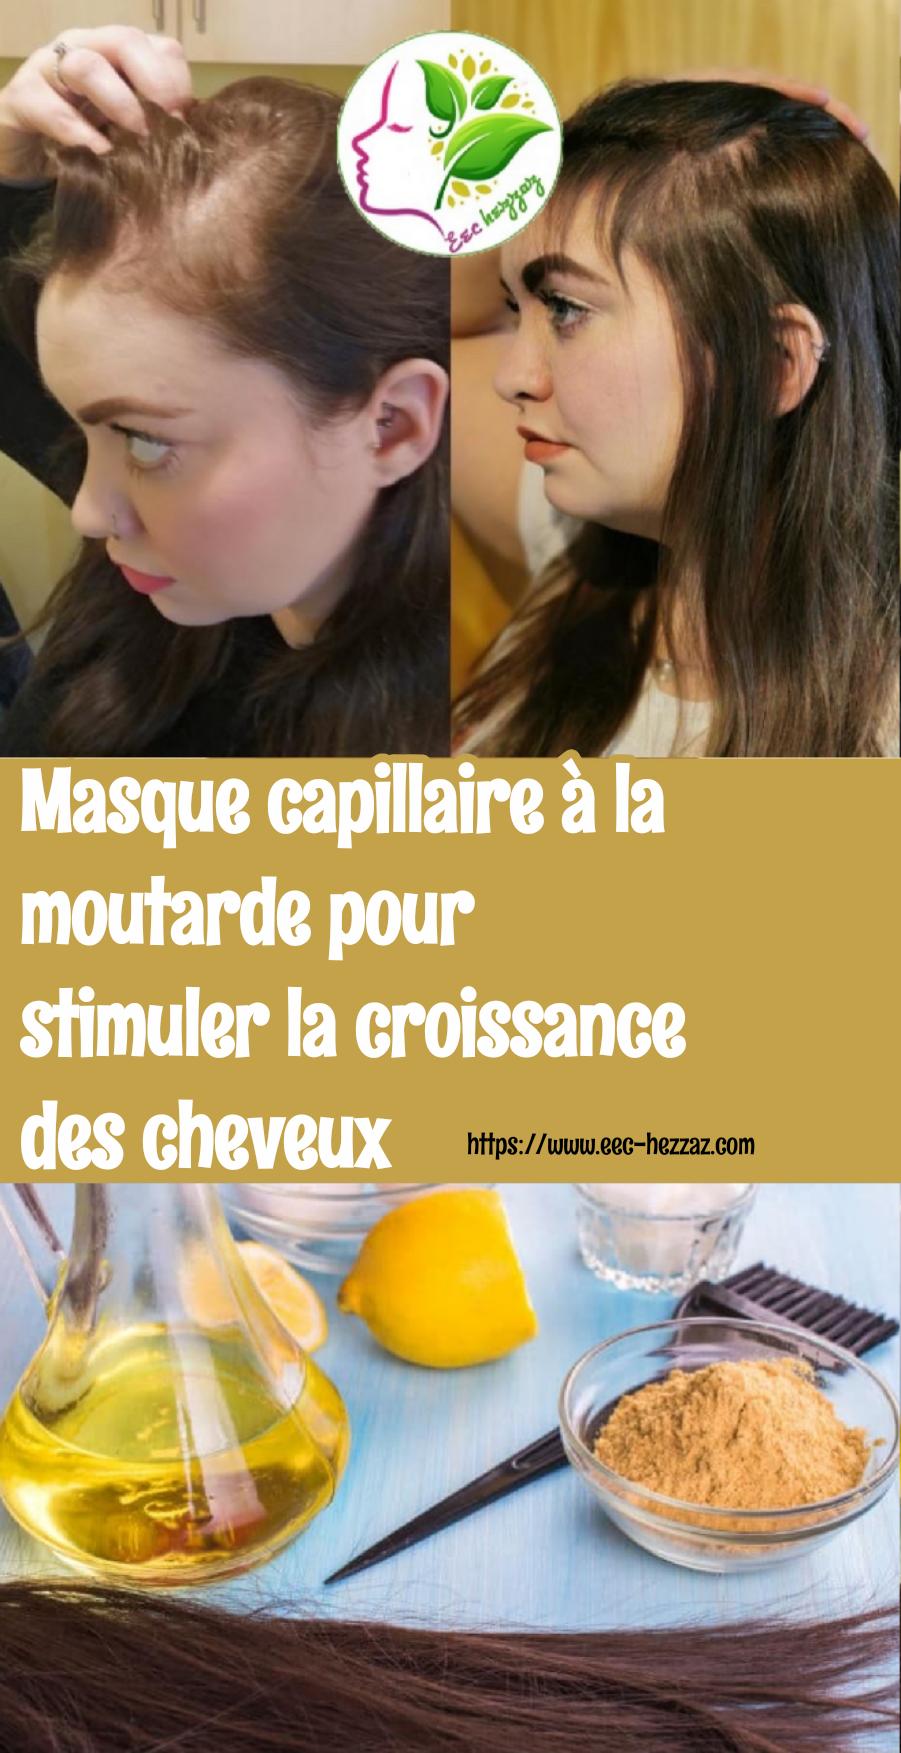 Masque capillaire à la moutarde pour stimuler la croissance des cheveux